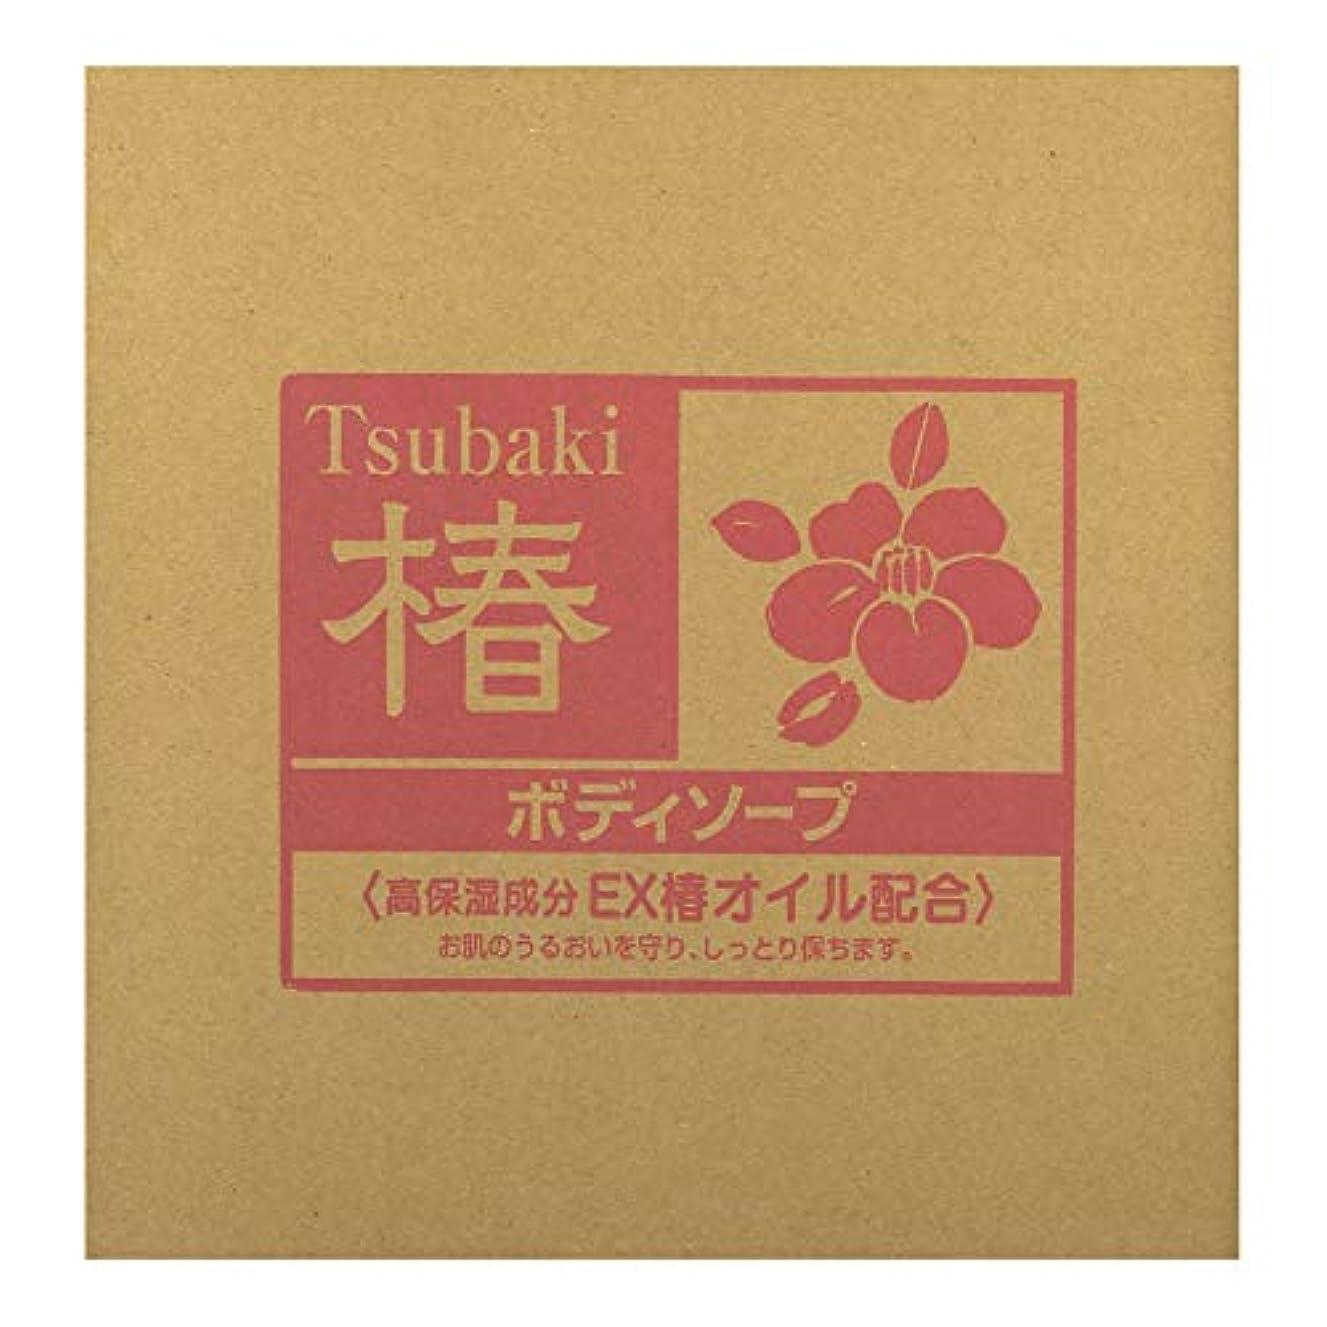 騒々しい守る傾向があります熊野油脂 業務用 椿 ボディソープ 18L